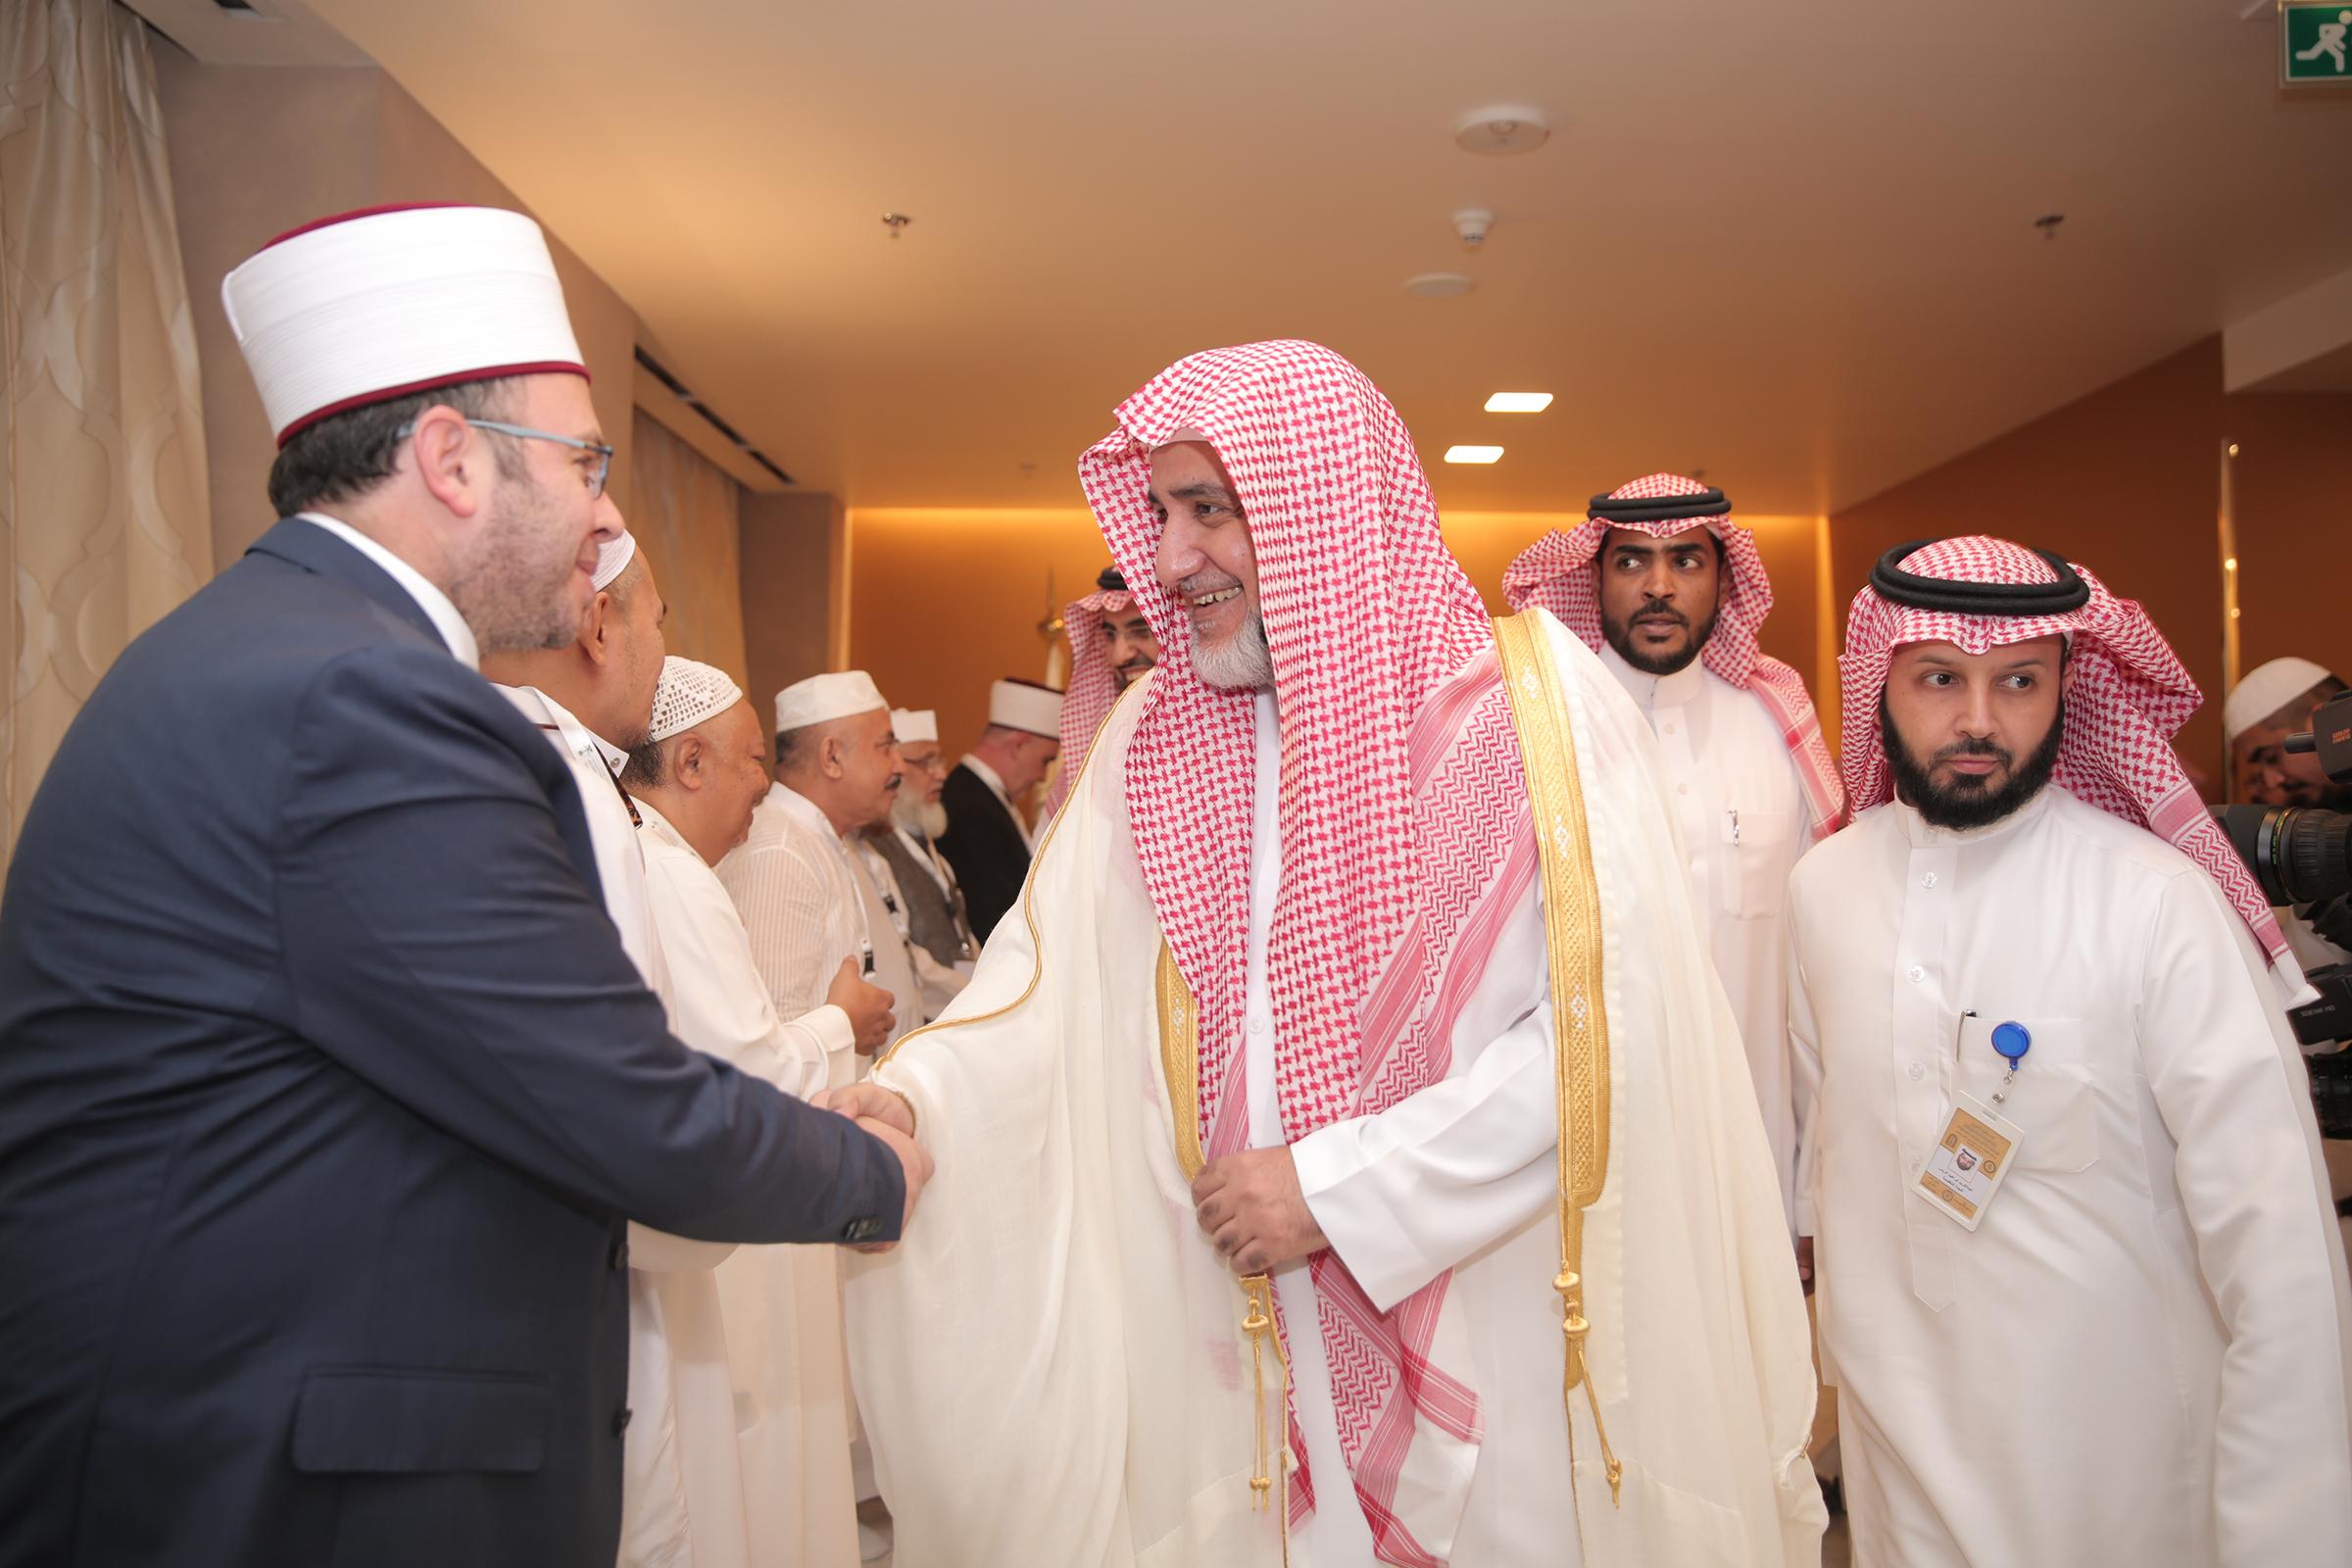 Kryetari Bruçaj viziton Arabinë Saudite me ftesë të mbretit